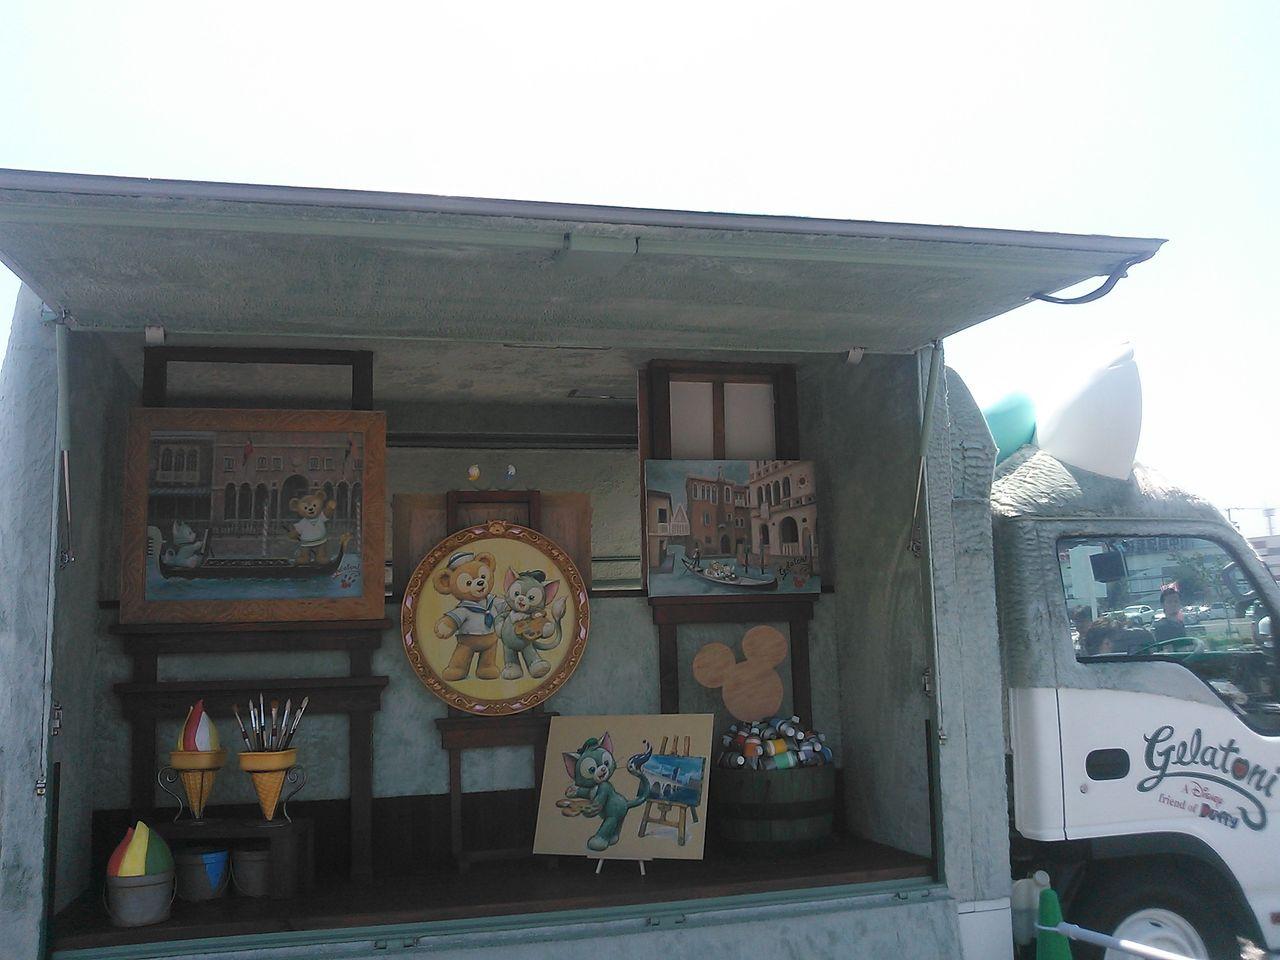 【新潟8/7ジェラトーニワゴン】全国各地を巡るジェラトーニの旅するアートギャラリーのレポ